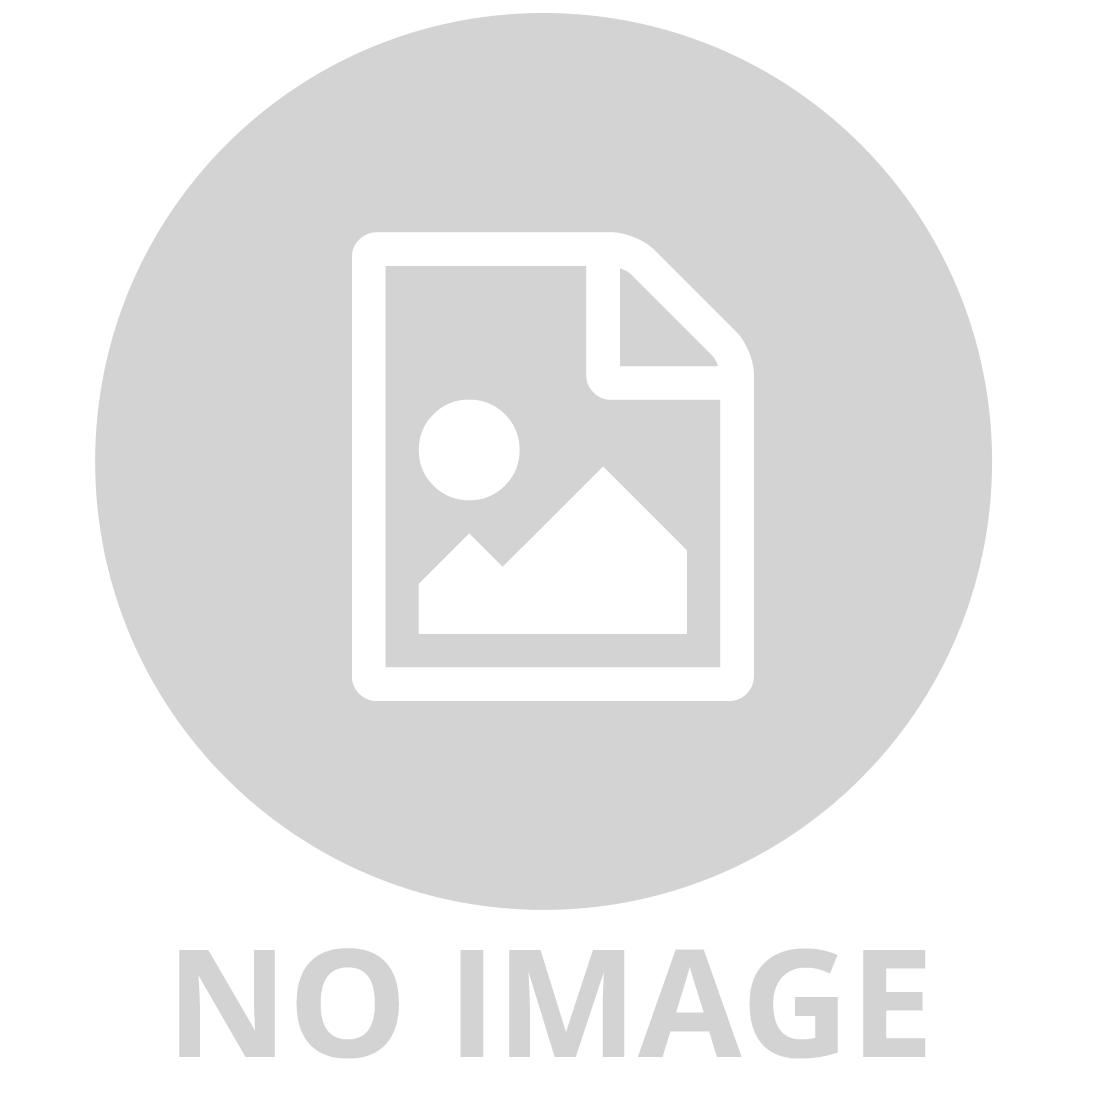 LEGO MARVEL 76128 SPIDER-MAN & THE MOLTEN MAN BATTLE